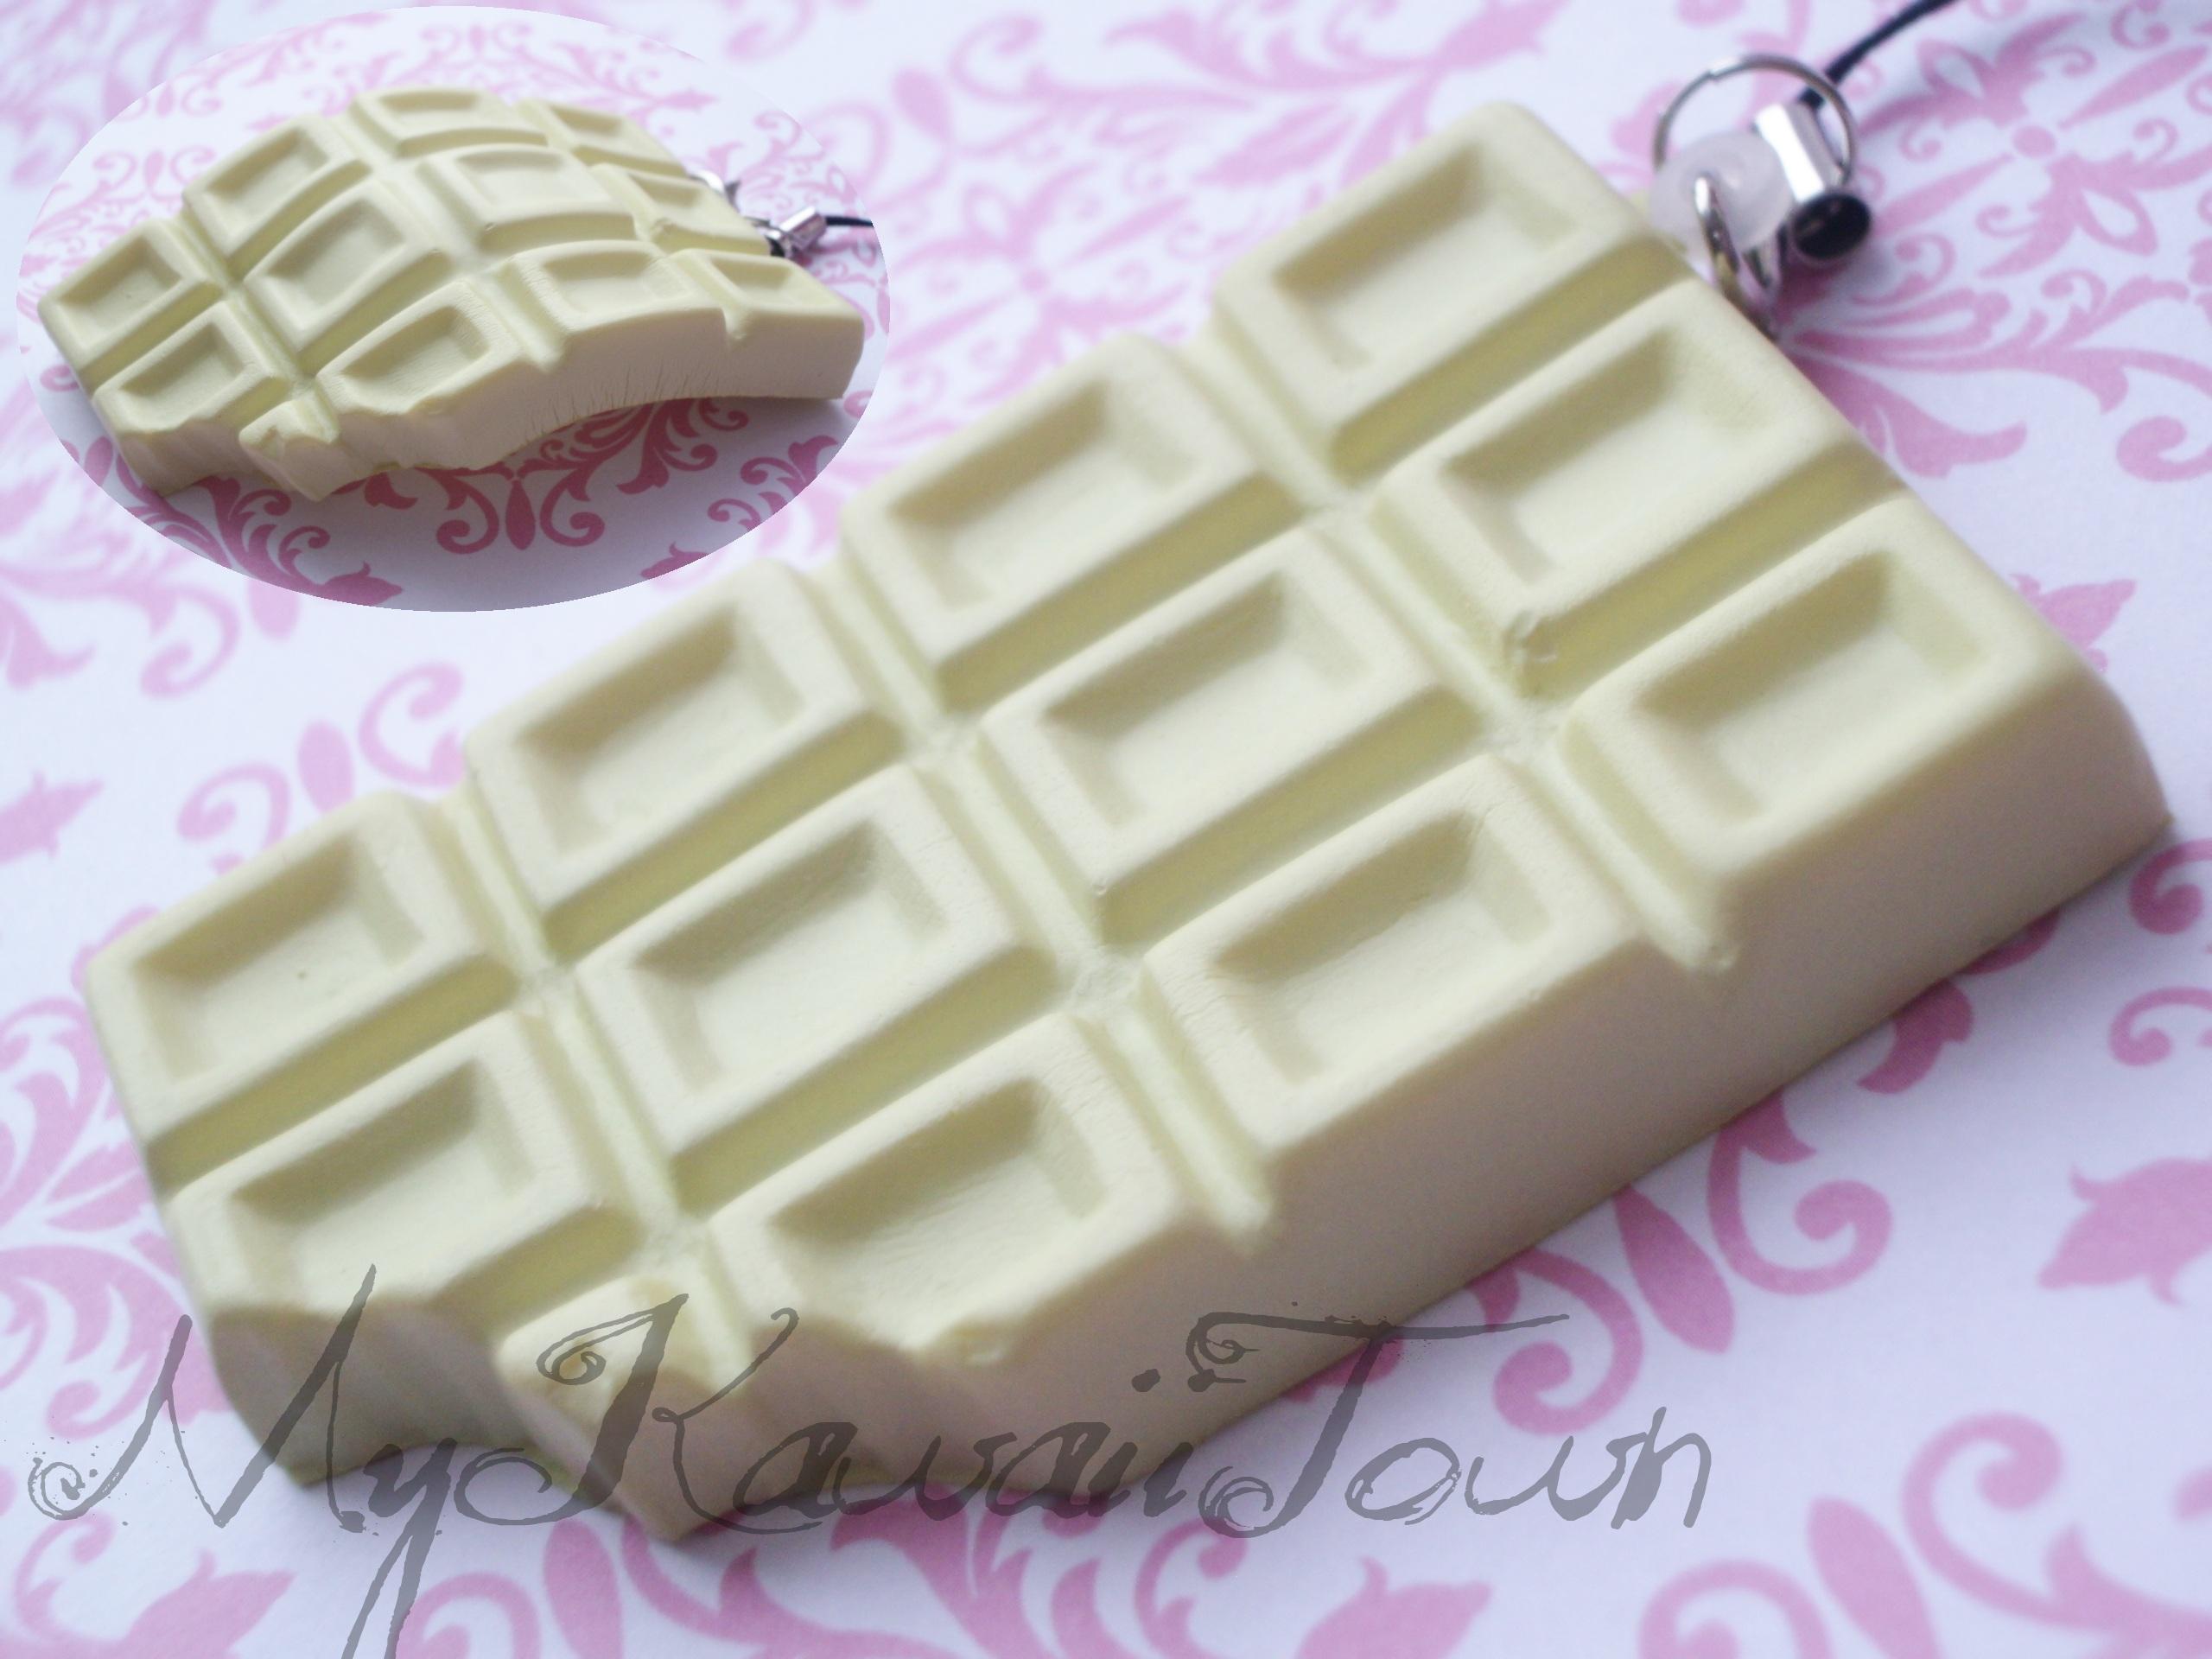 Squishy Cracking Chocolate Bar : Squishy Cracking White Chocolate Bar on Storenvy